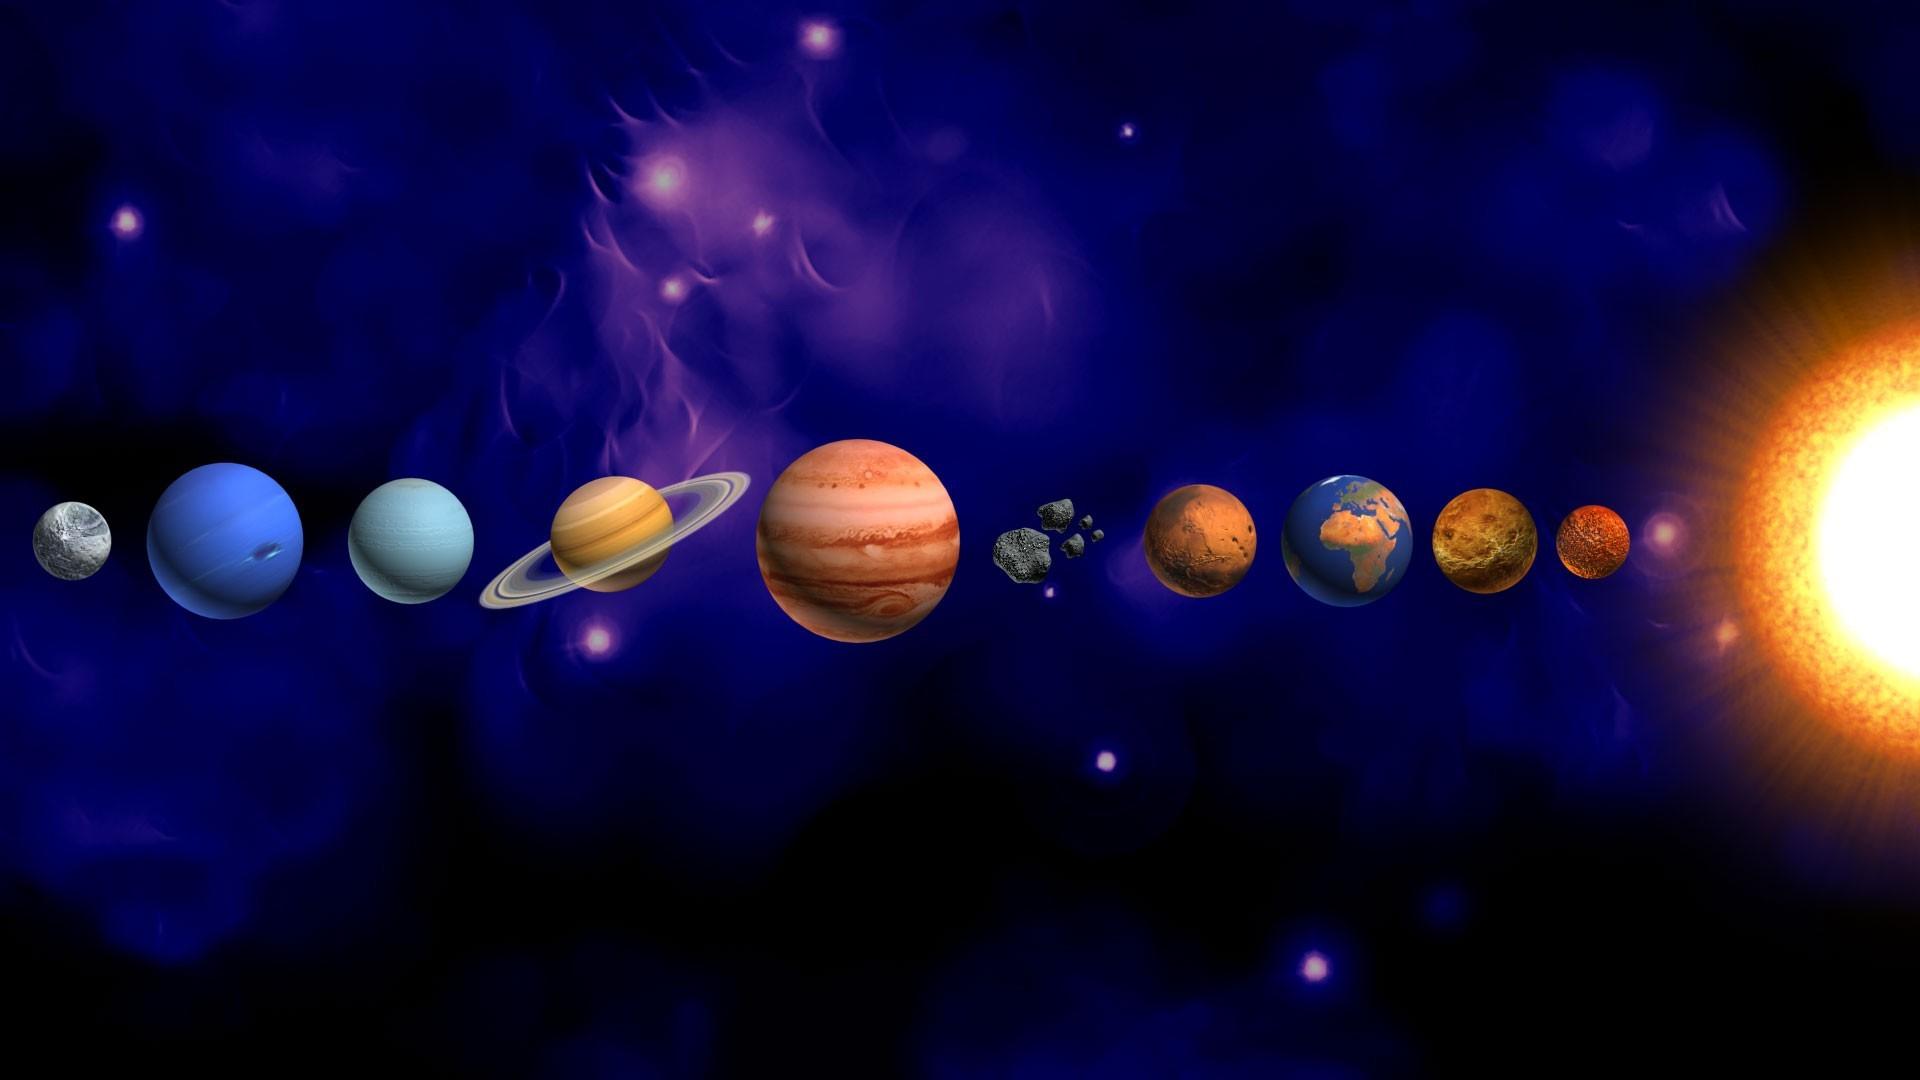 вам картинки события планеты делаем